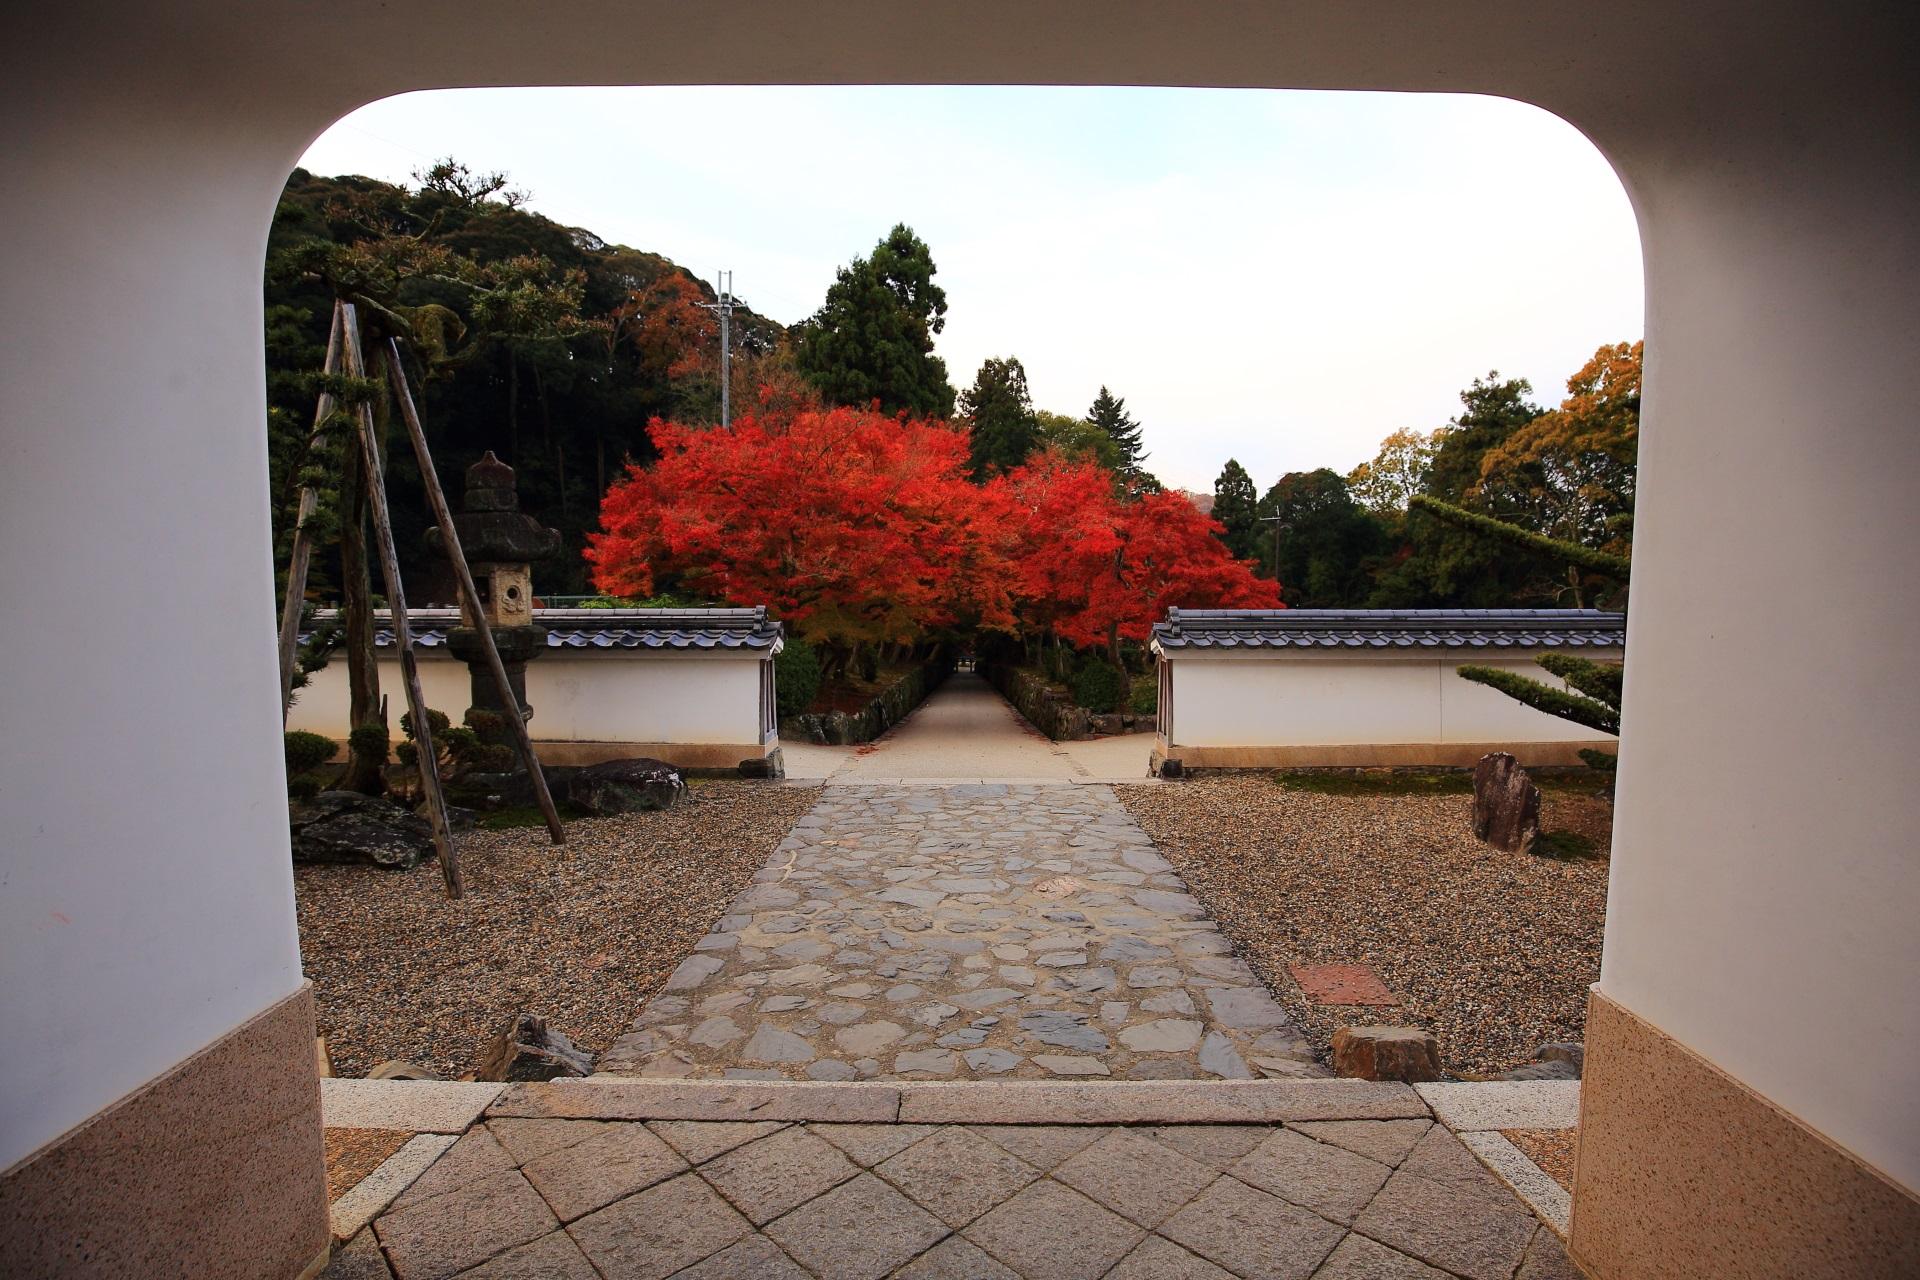 興聖寺の山門下から眺めた琴坂の紅葉